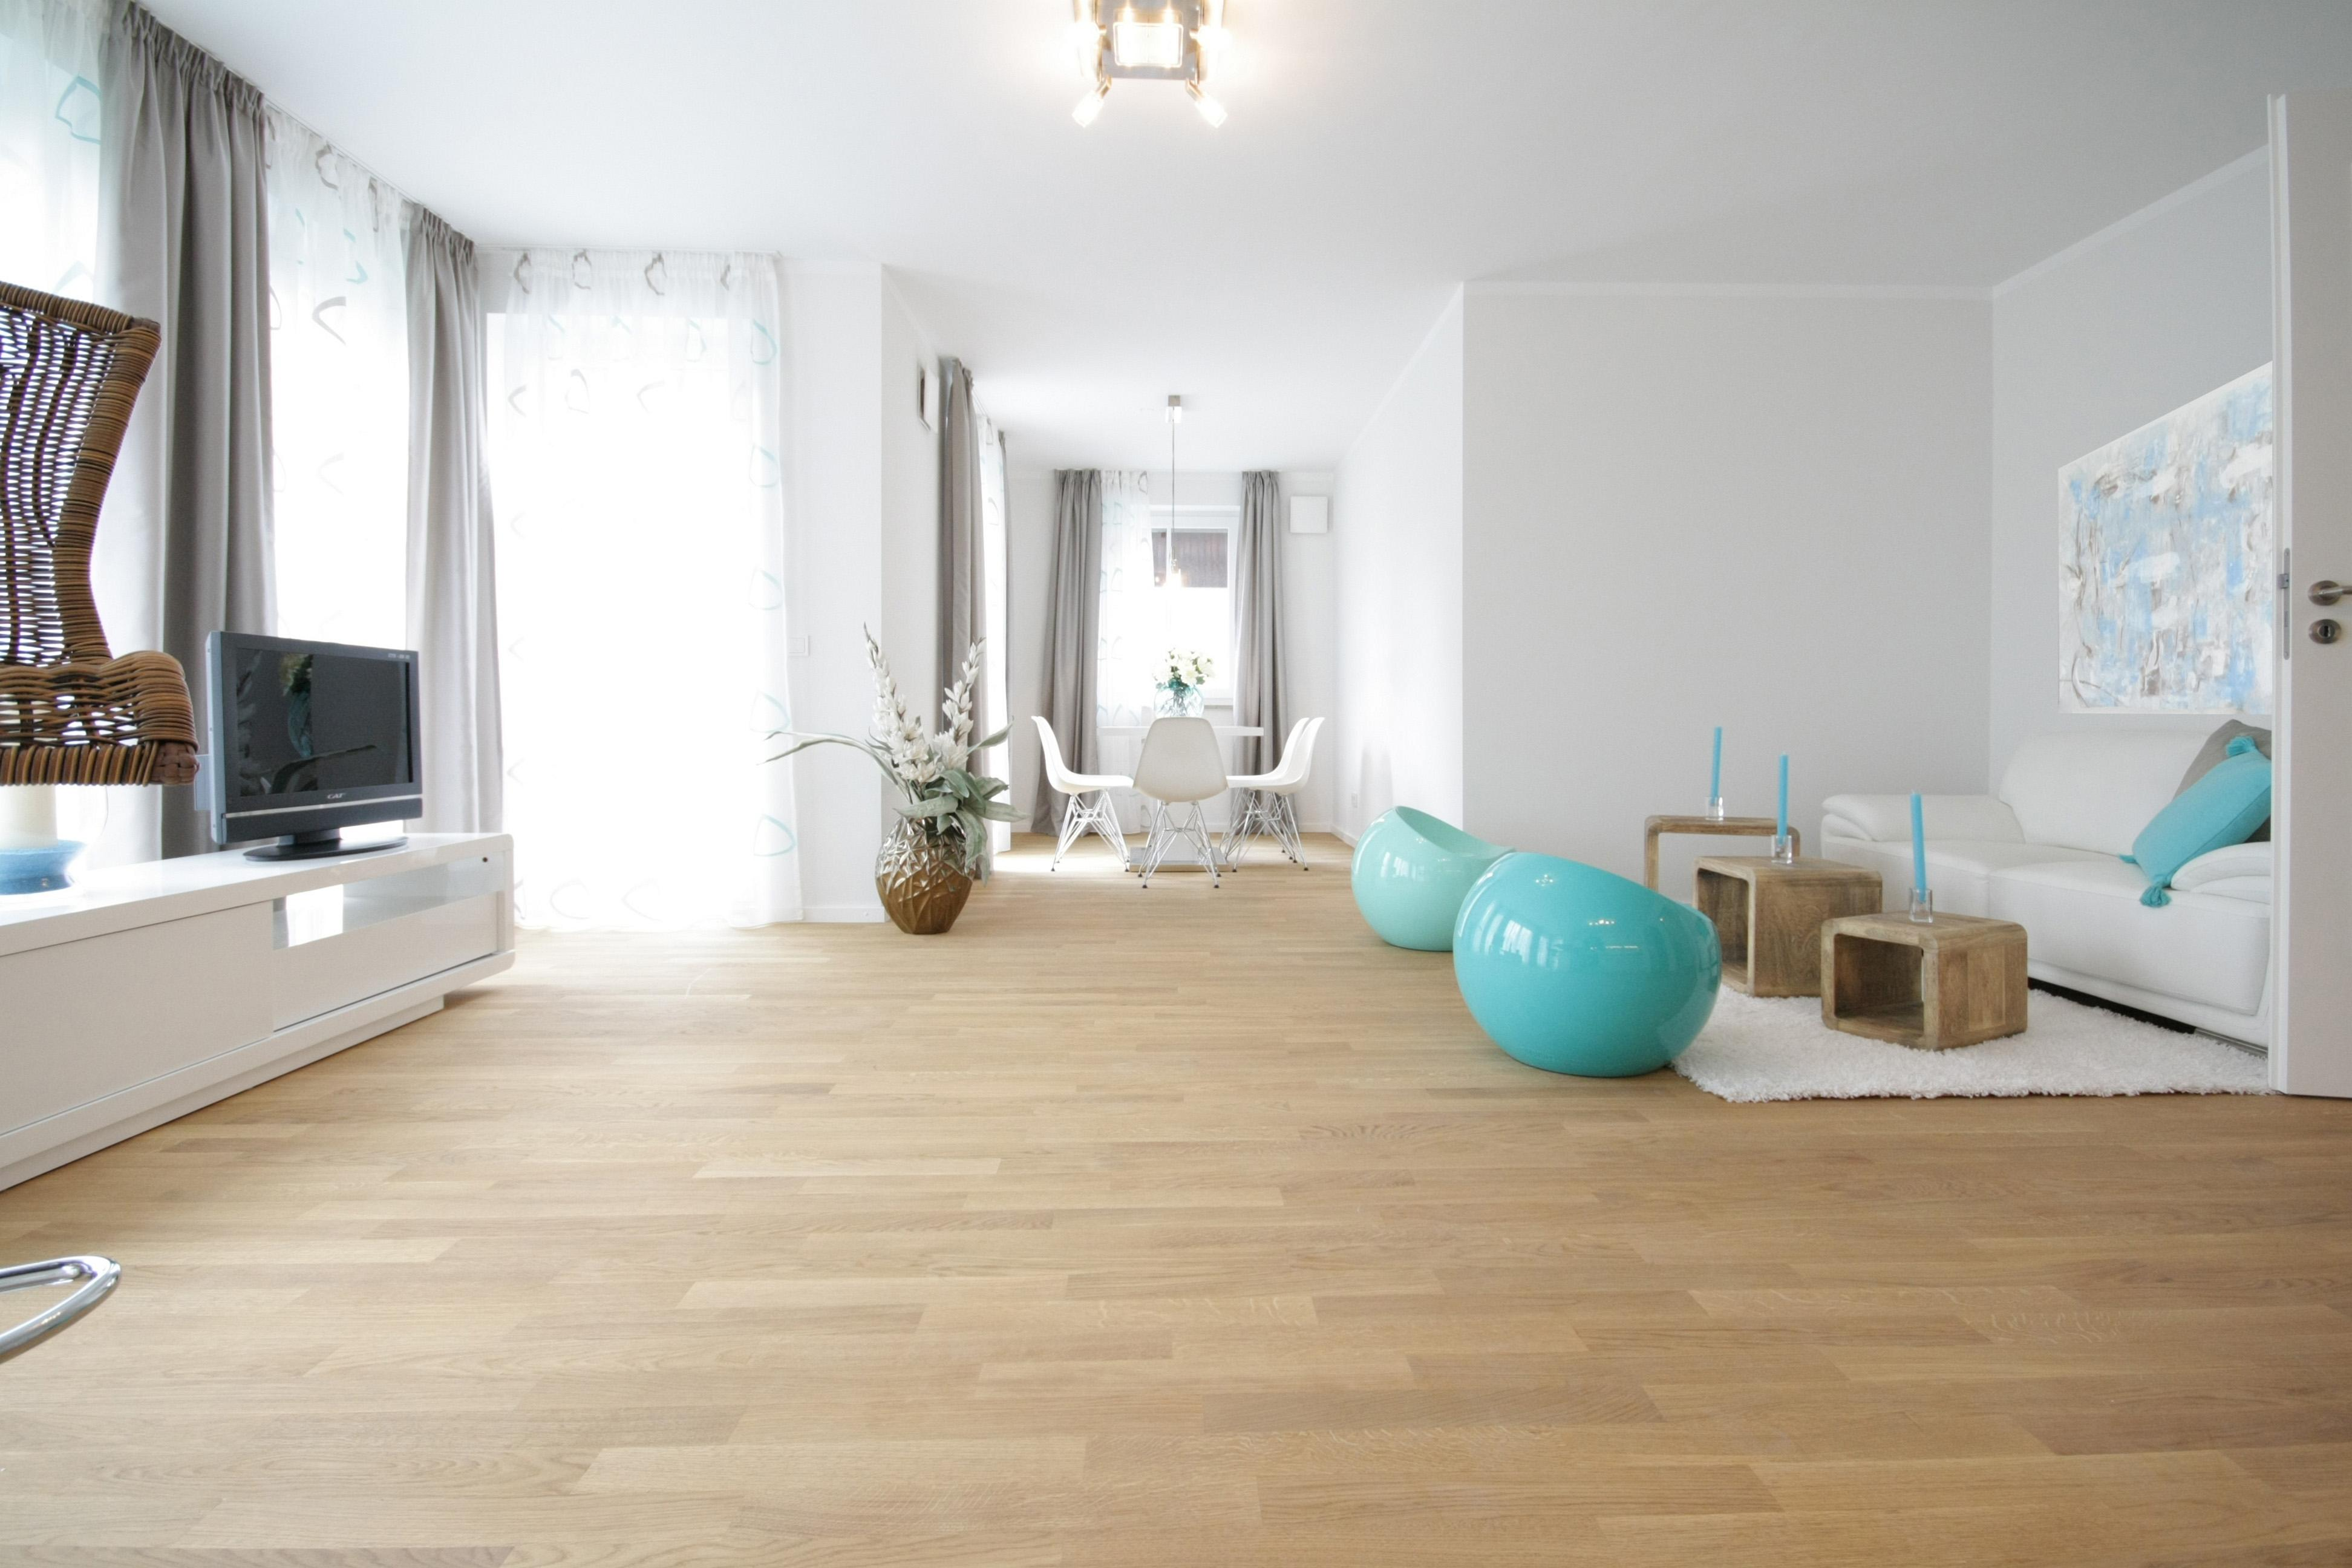 teppich wohnzimmer wohnzimmer gestalten modern for designs einrichten offene wandregale grauer. Black Bedroom Furniture Sets. Home Design Ideas